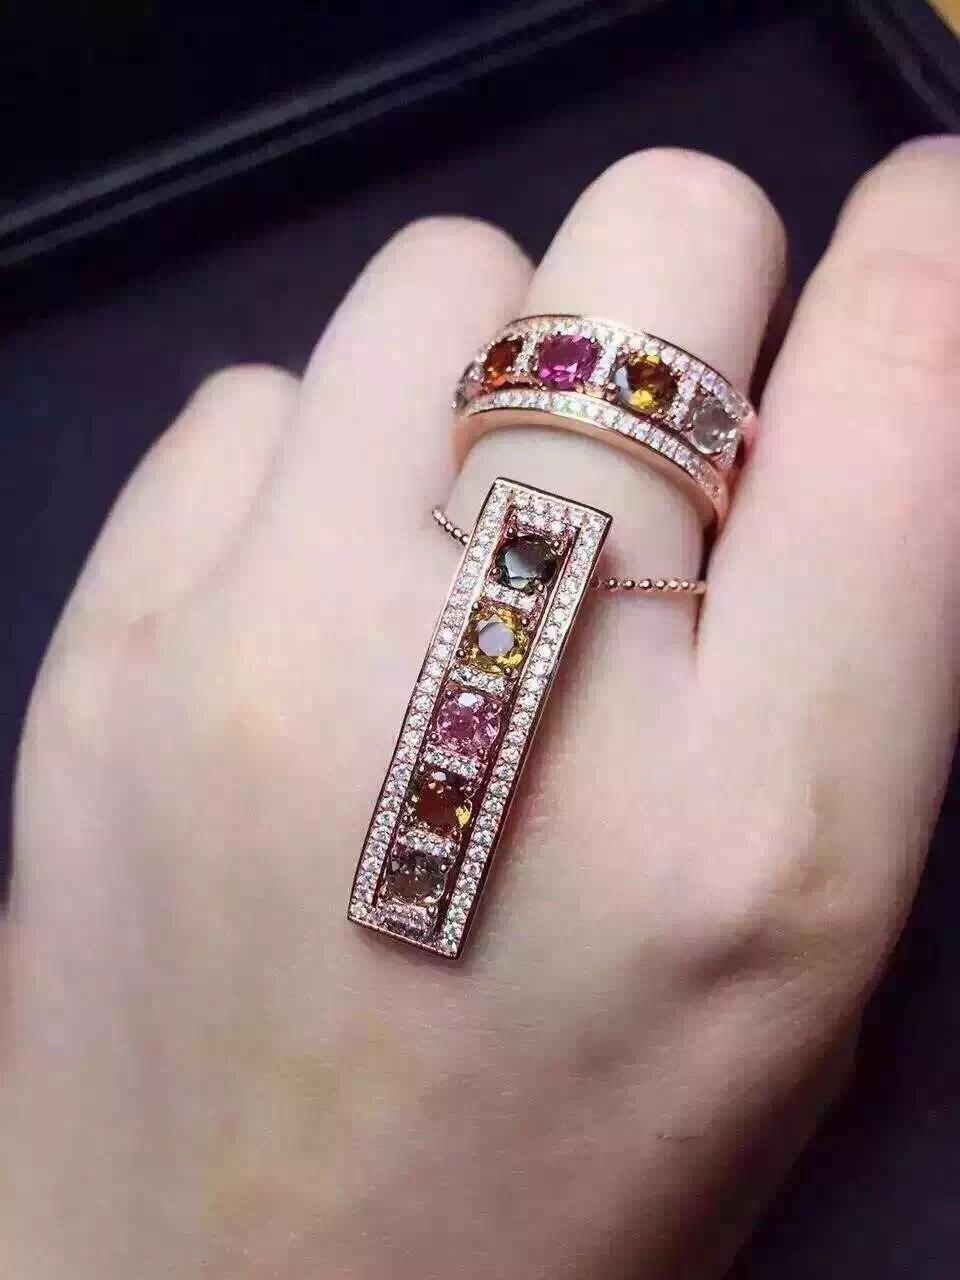 Natural multicolor turmalina gema de la joyería fija el anillo natural de  la piedra preciosa colgante de plata 925 dos tipos de desgaste conjunto  joyería ... 18c90b07da